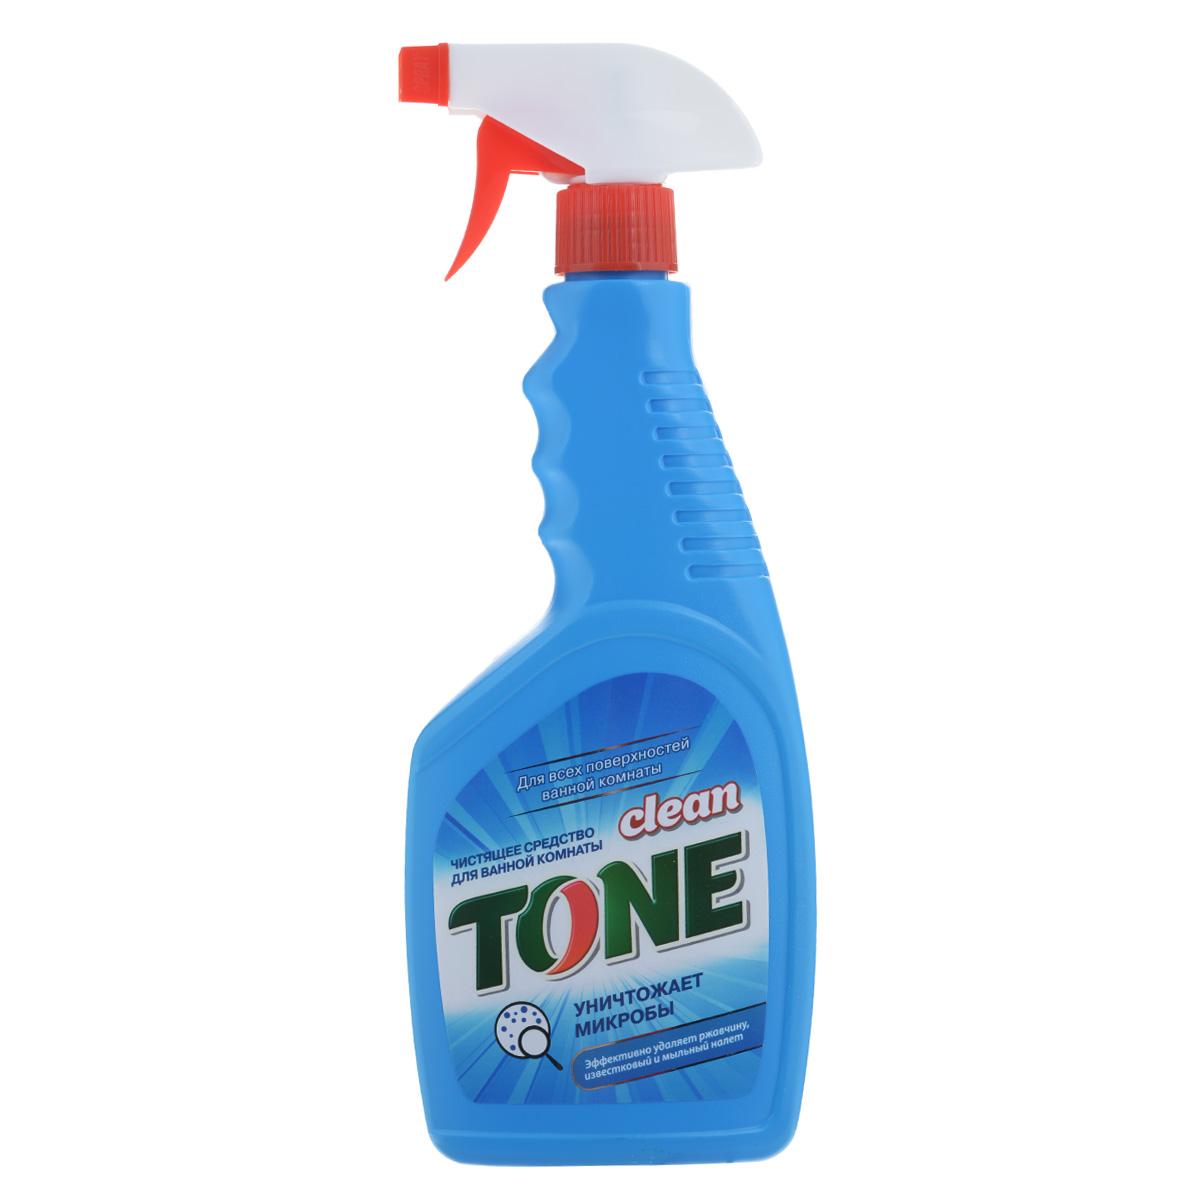 Чистящее средство Clean Tone для ванной комнаты, 500 мл1958Чистящее средство Clean Tone предназначено для мытья и антибактериальной обработки кафельной плитки, ванны, душевой кабины, смесителей и других поверхностей ванной комнаты. Средство защищает поверхность, придает ей блеск, не оставляет разводов и дарит аромат свежести. Состав: 30% и более: вода питьевая очищенная; 5% и более, но менее 15%: неионогенных ПАВ; менее 5%: органические кислоты, органический растворитель, бензалкония хлорид, отдушка. Товар сертифицирован.